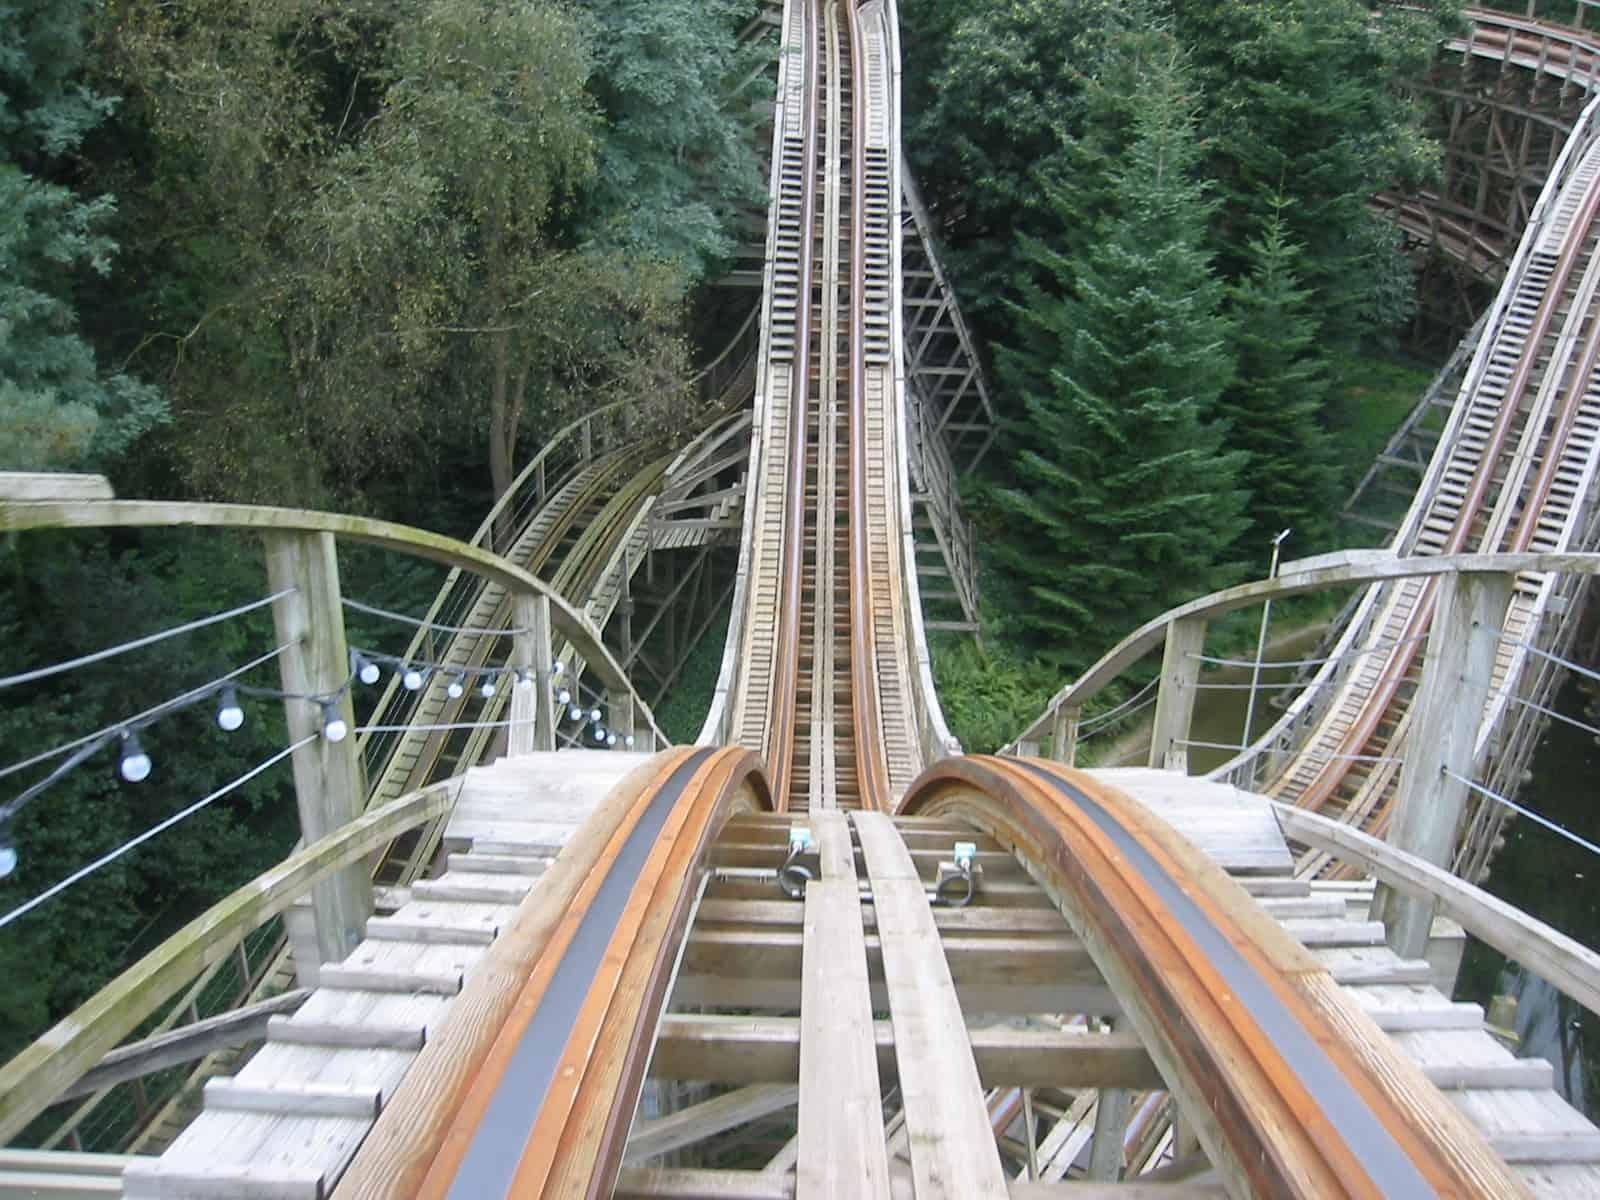 Efteling Park -Kaatsheuvel - Best Amusement Parks in the World